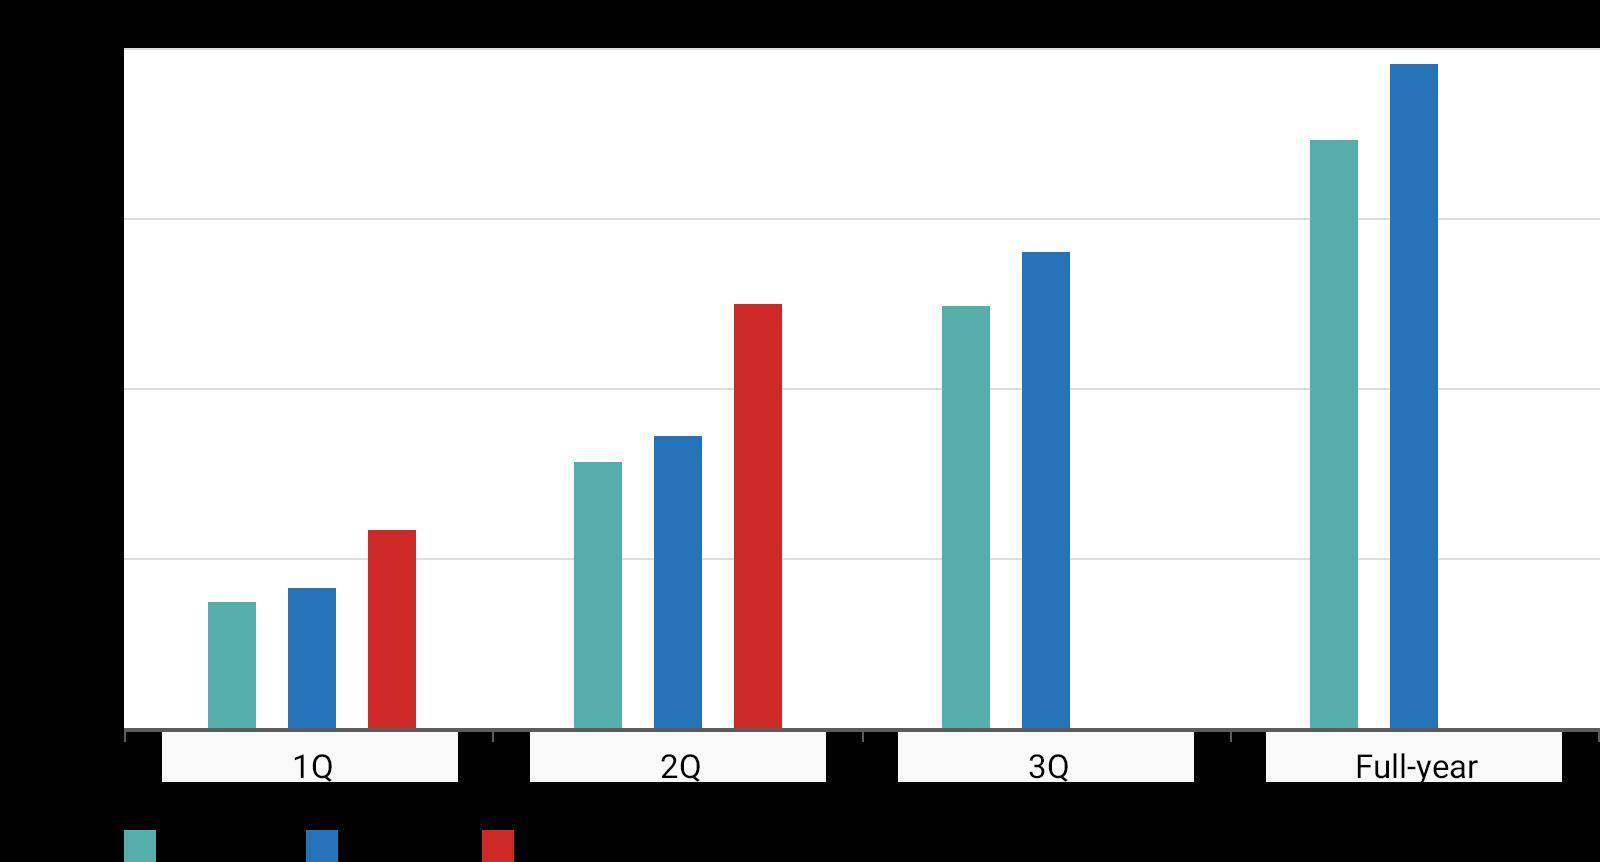 Graph of Revenue